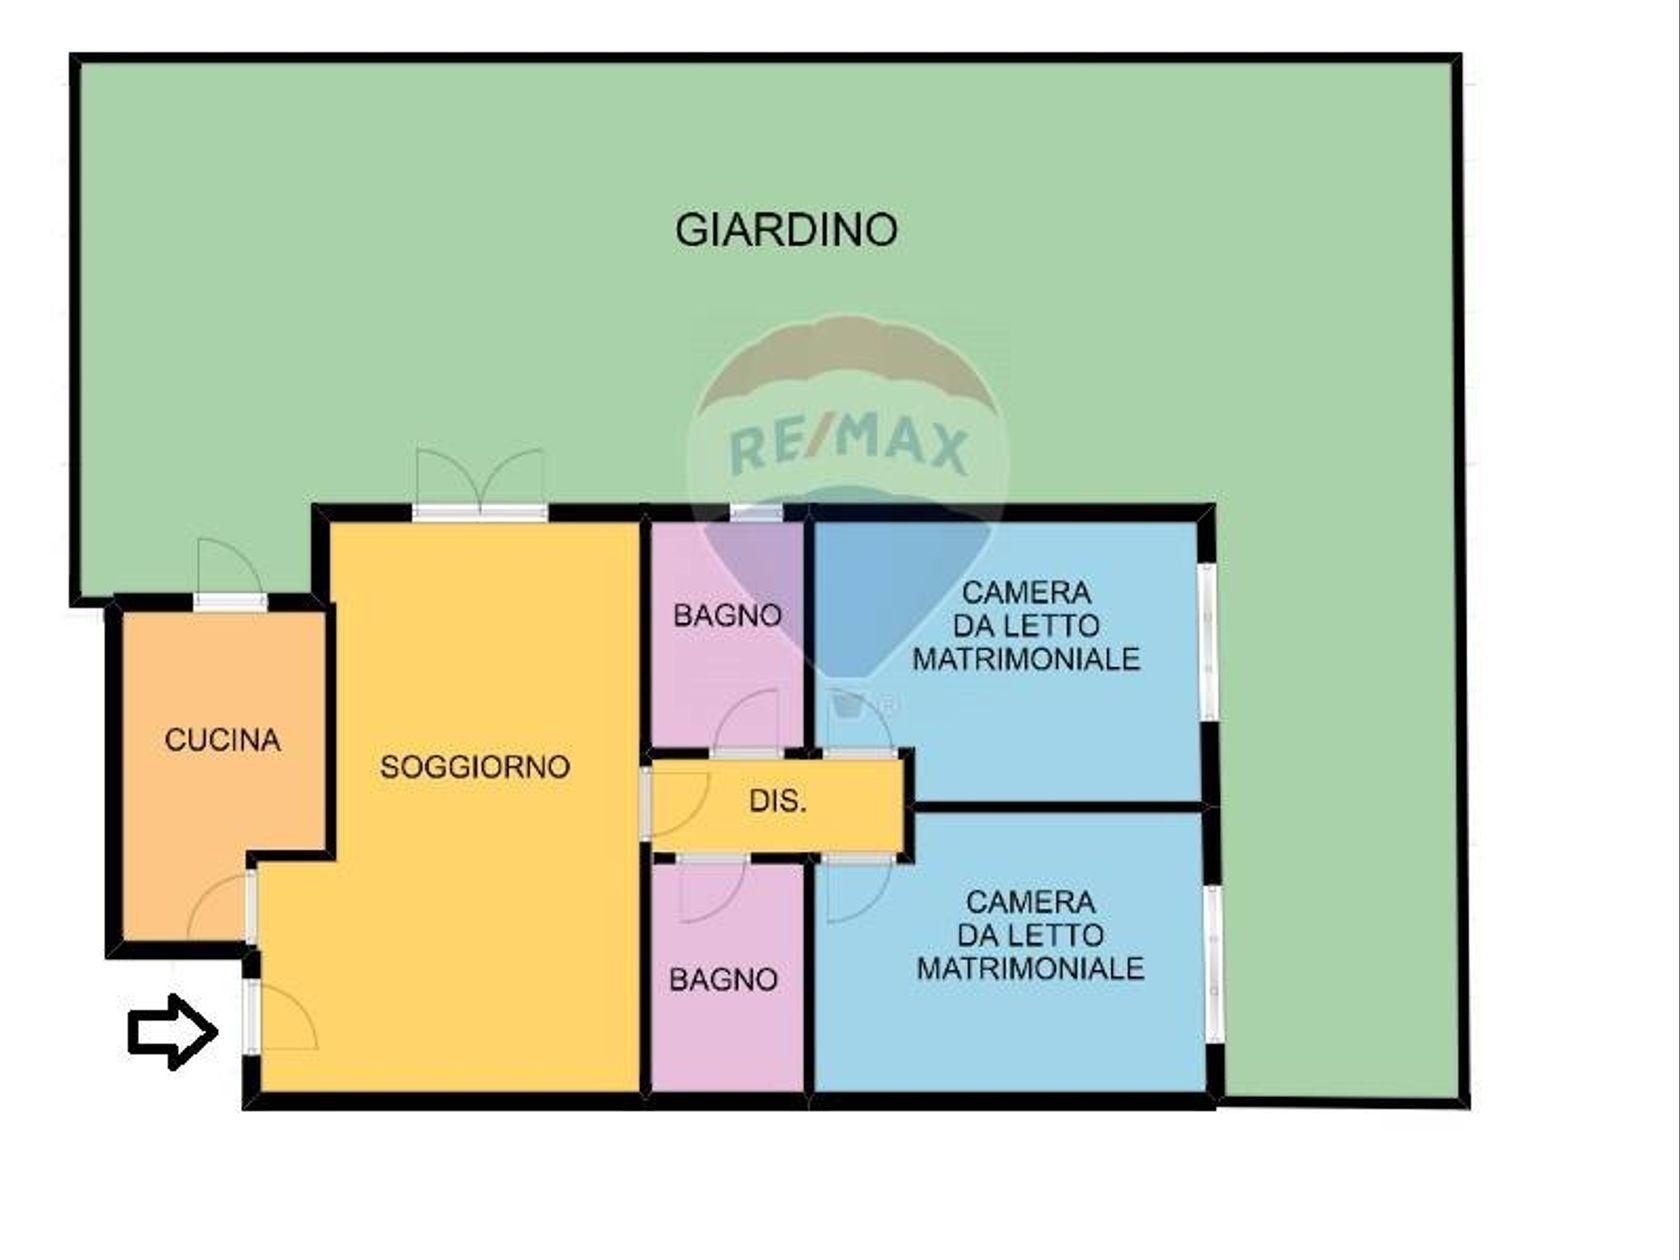 Appartamento Villa Adriana, Tivoli, RM Vendita - Planimetria 2